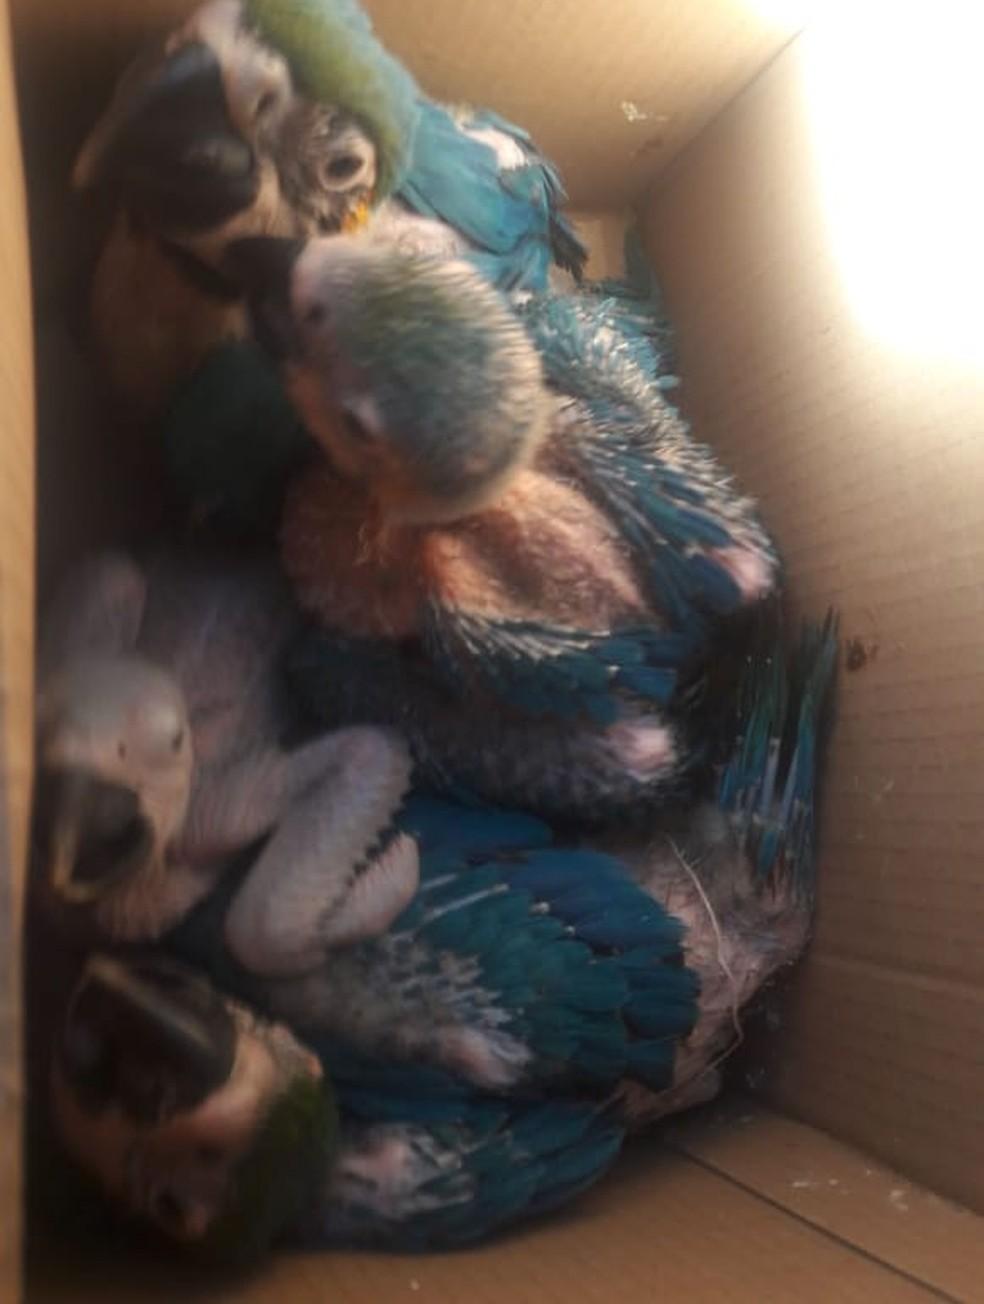 Araras em extinção eram vendidas por traficante de animais em SP — Foto: Polícia Civil/divulgação